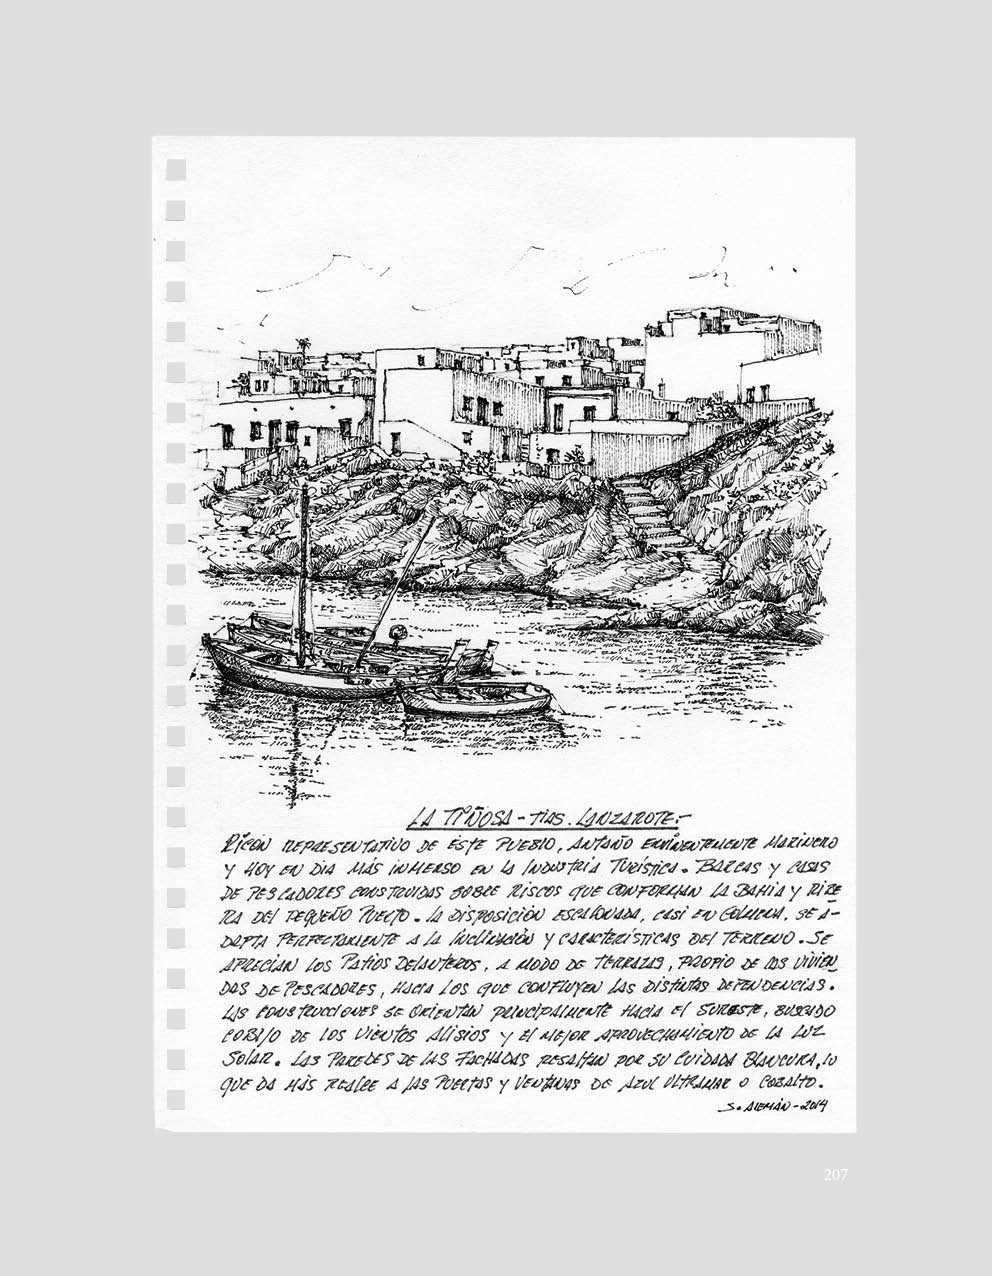 09 Libro S-Aleman 207.jpg